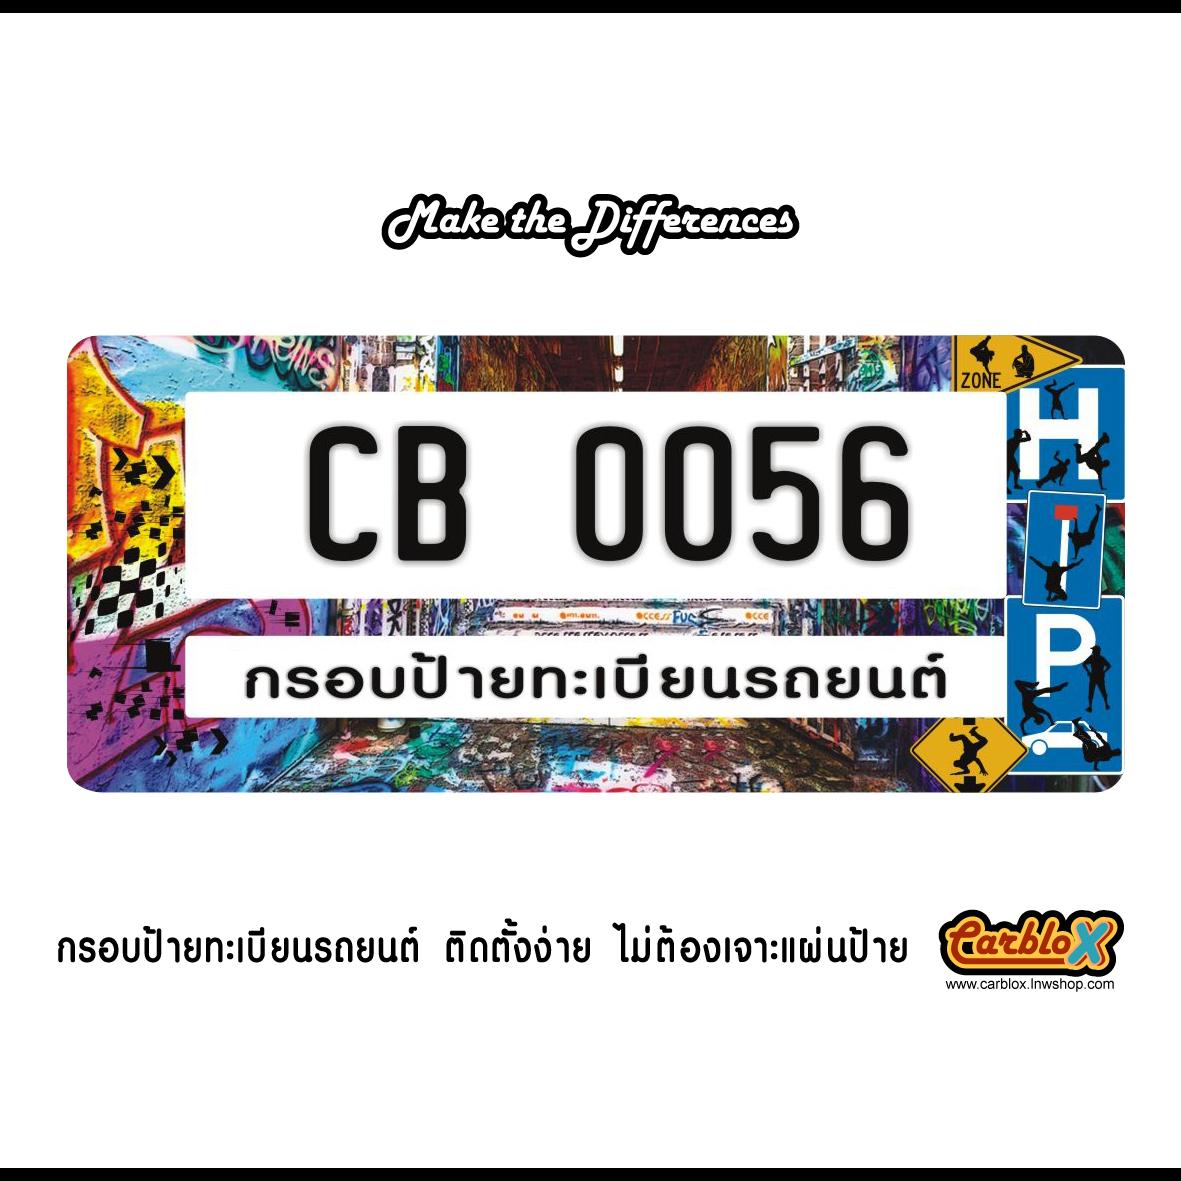 กรอบป้ายทะเบียนรถยนต์ CARBLOX ระหัส CB 0056 ลายลายแนวๆฮิ๊ป